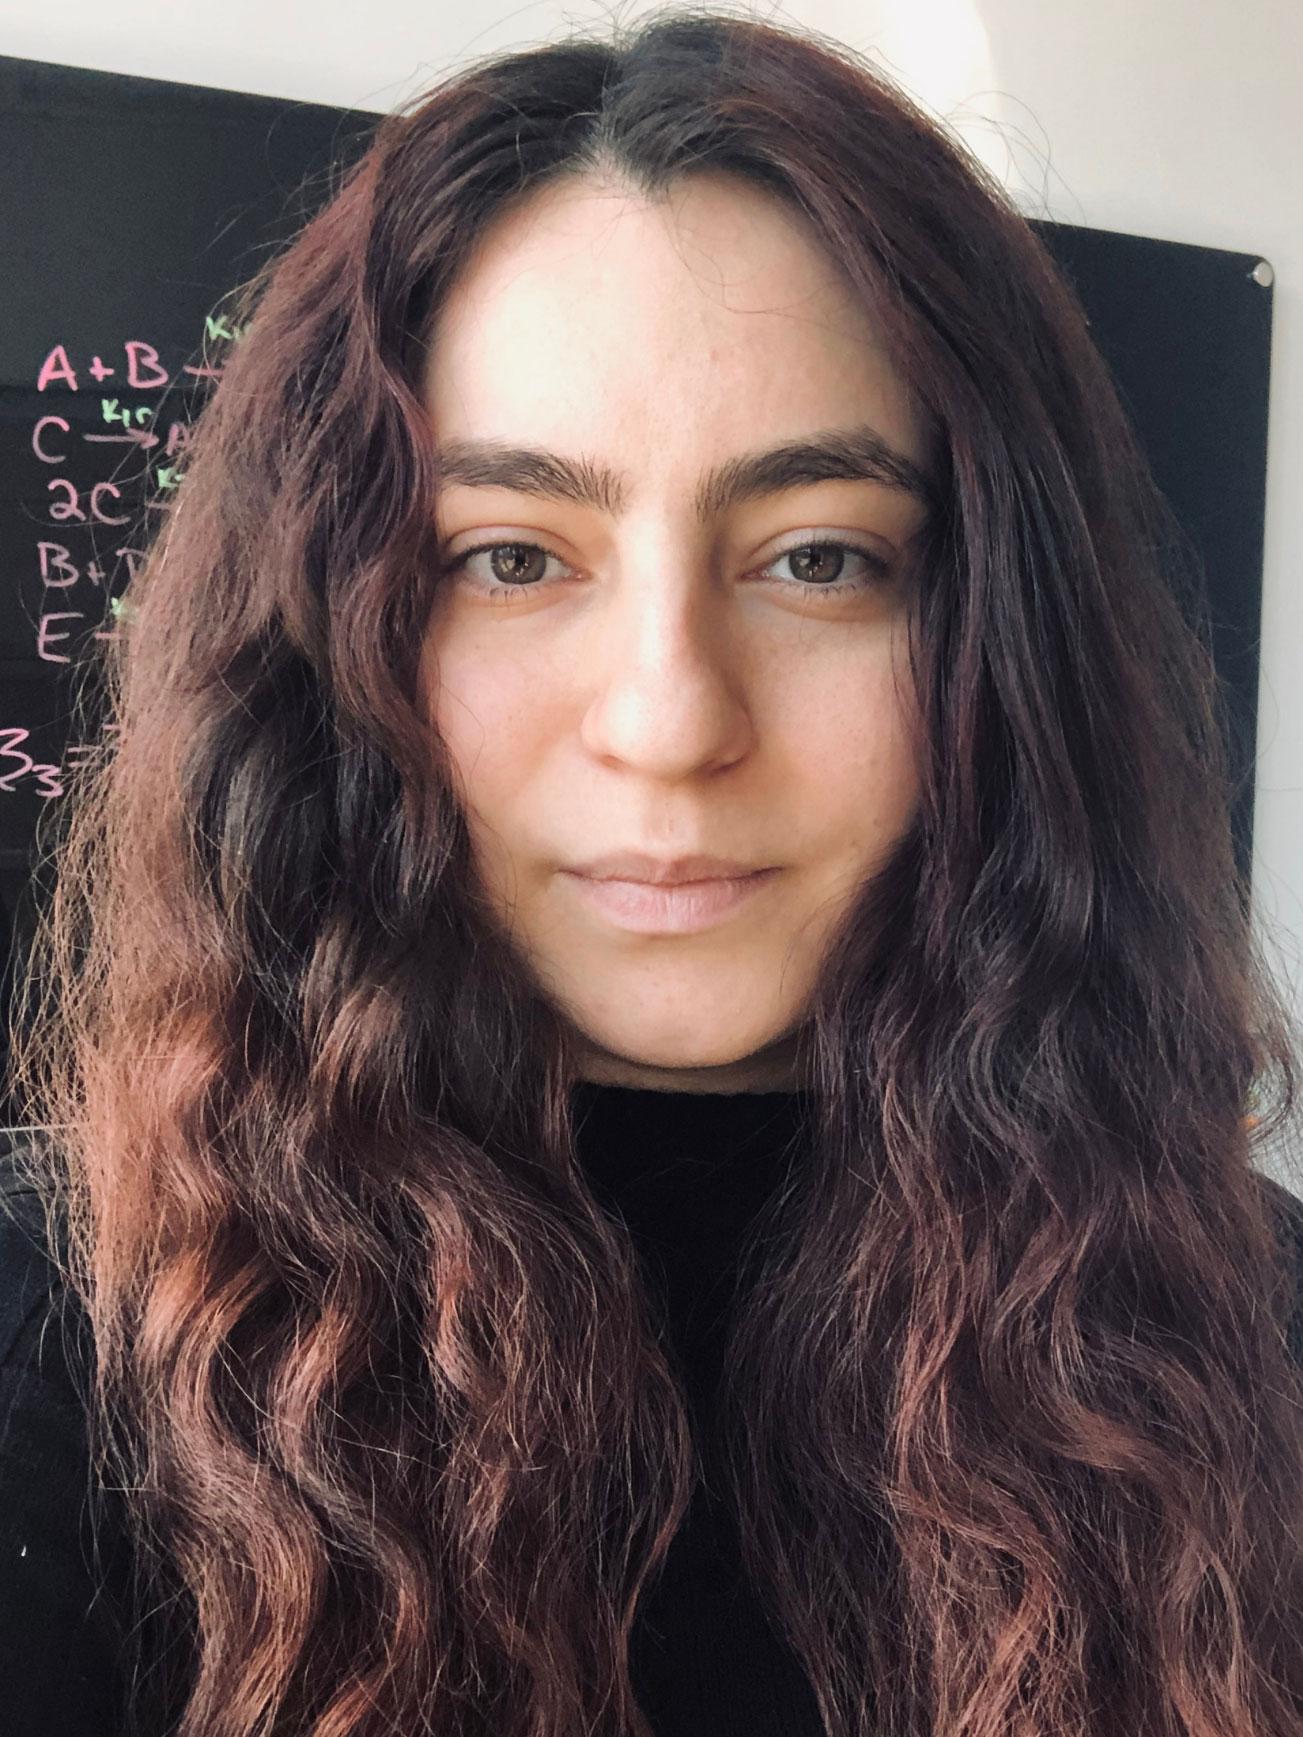 Anxhela Becolli